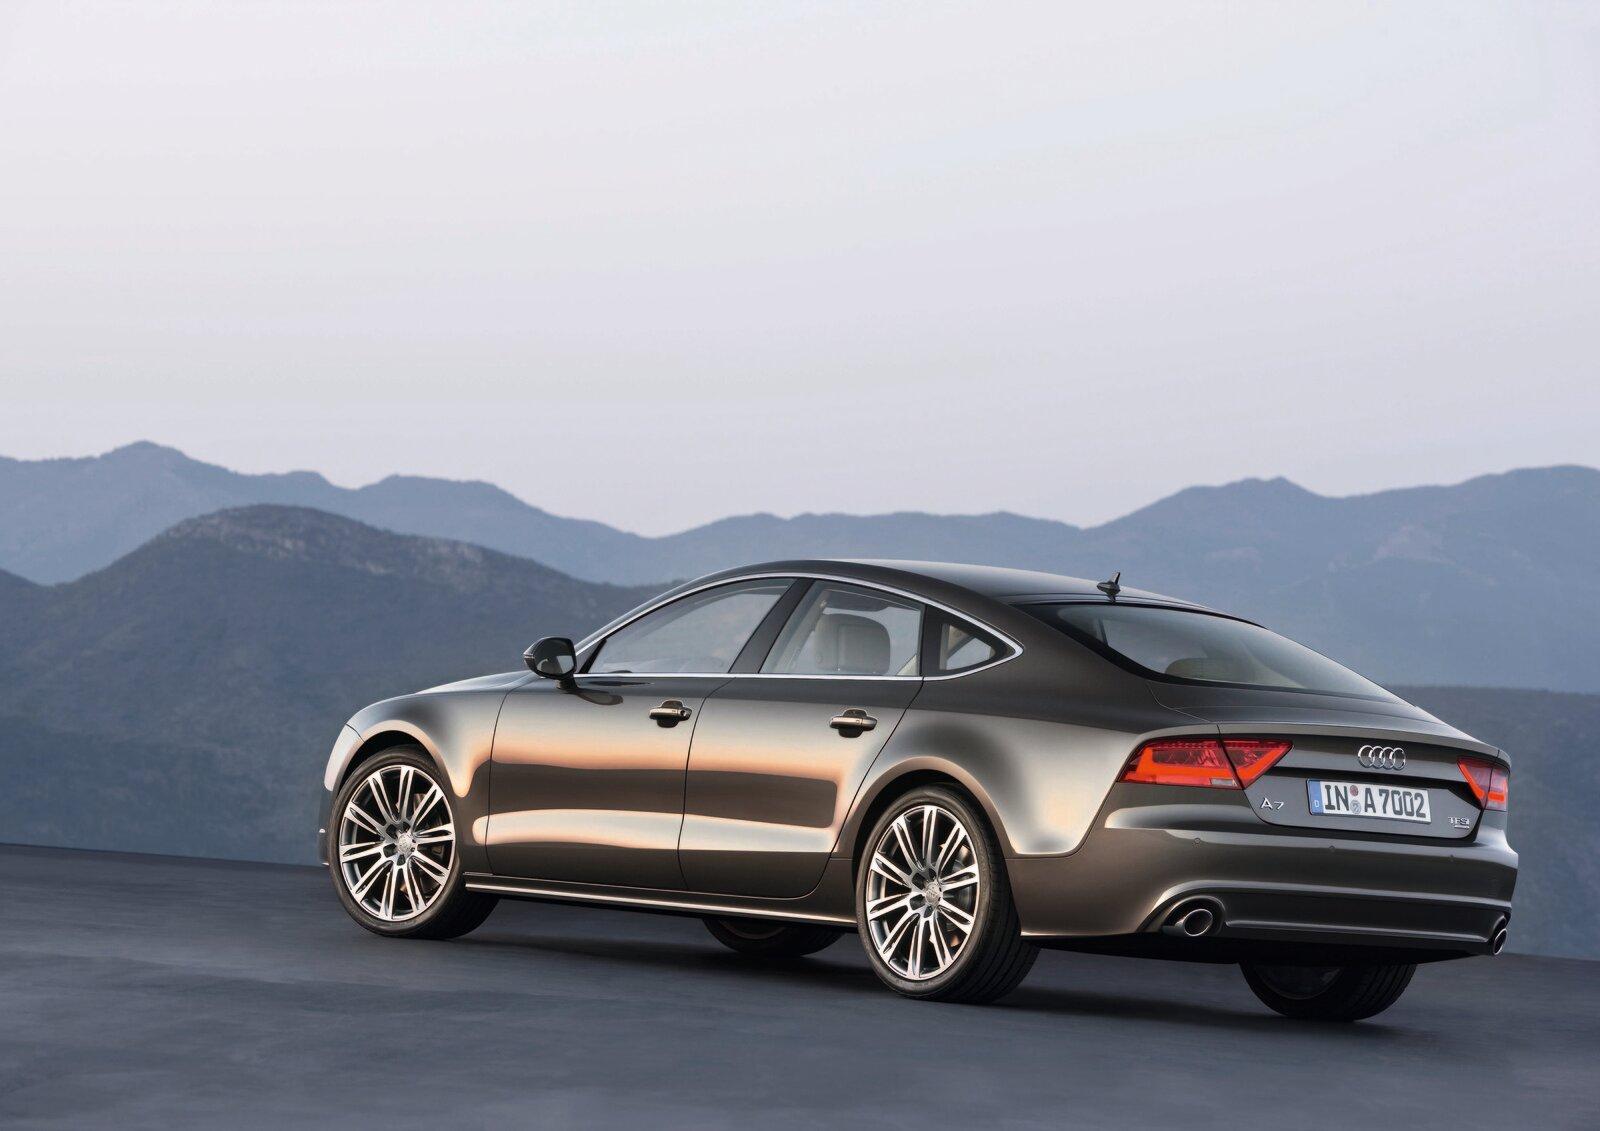 Kekurangan Audi A7 2011 Spesifikasi